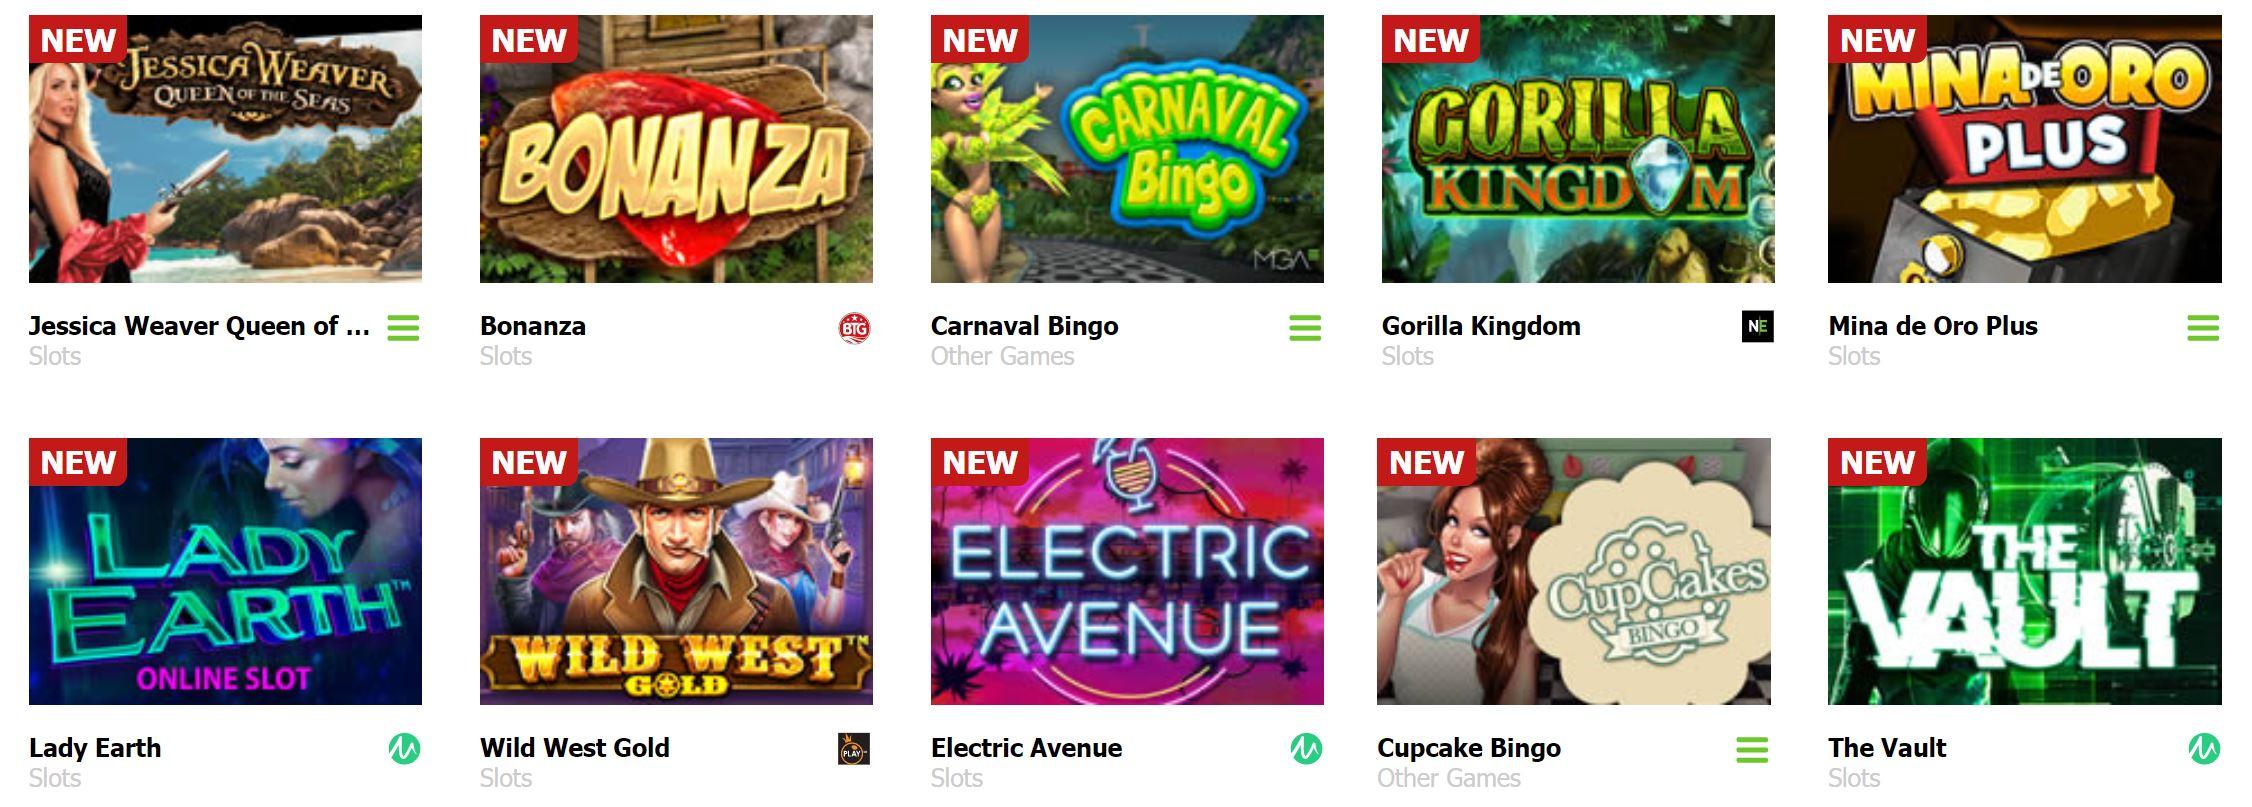 Este casino tiene gran oferta de juegos de azar online.